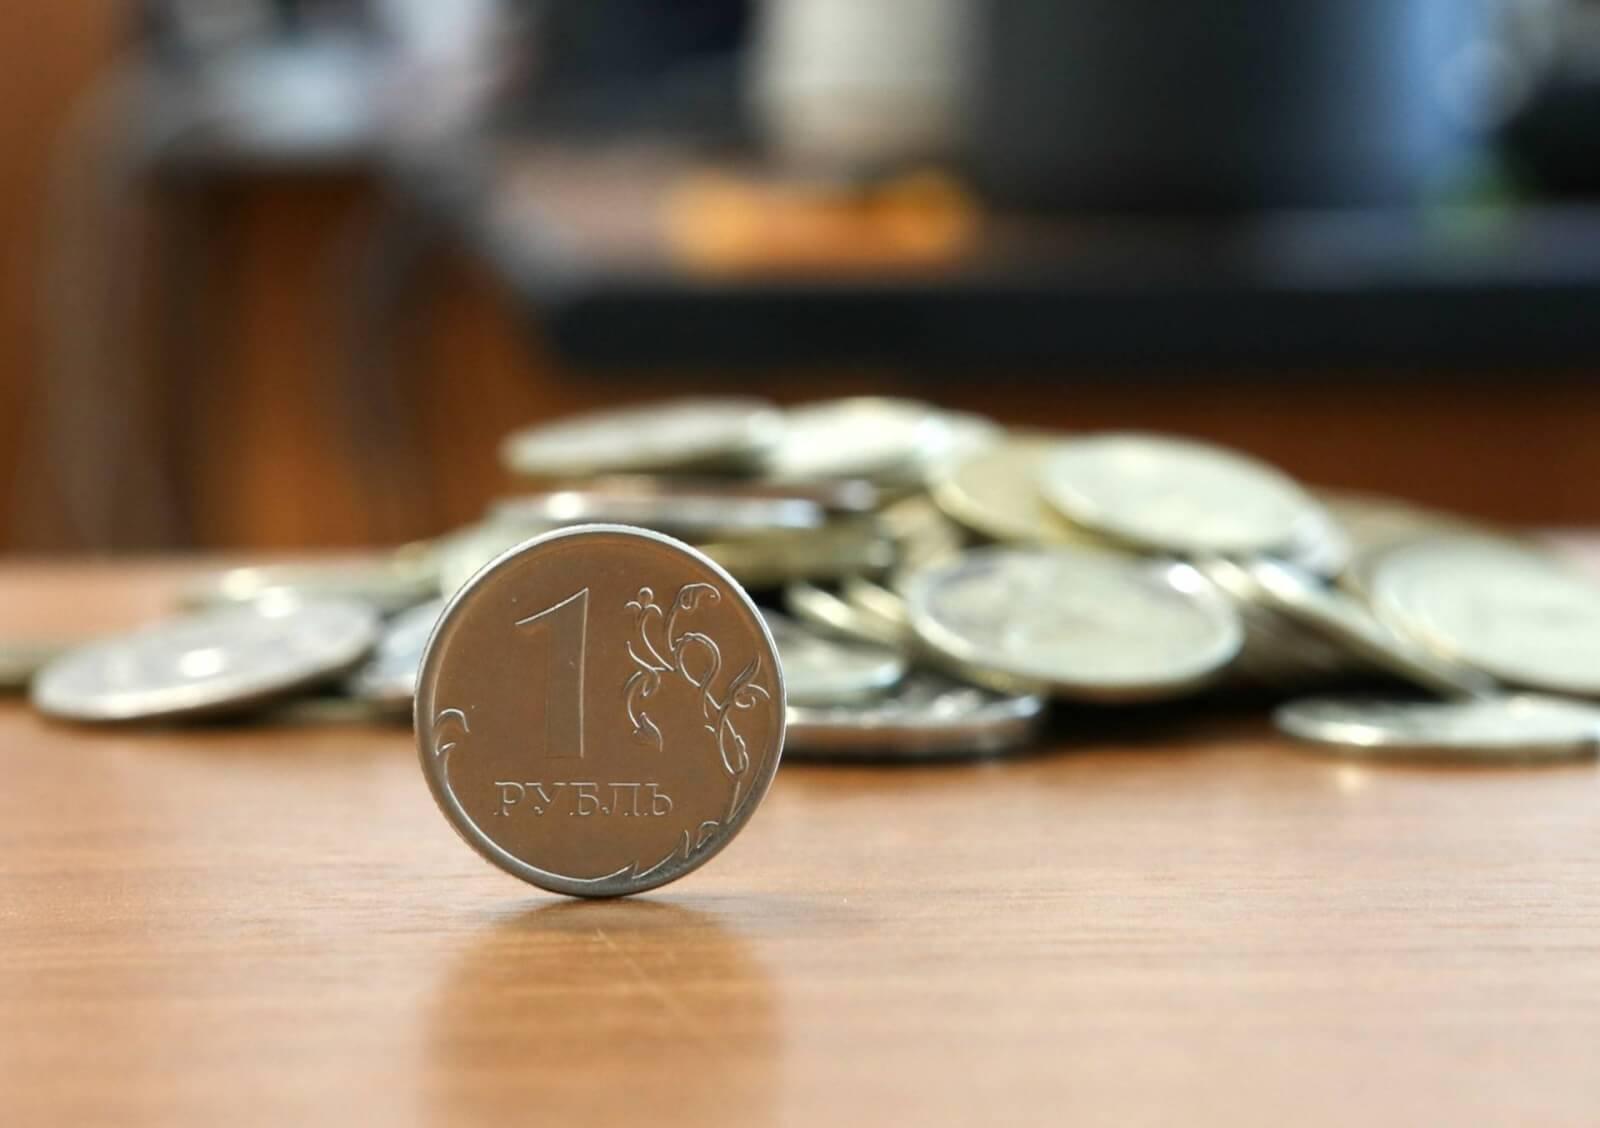 Преимущества и недостатки бальной системы оплаты труда в бюджетных учреждениях